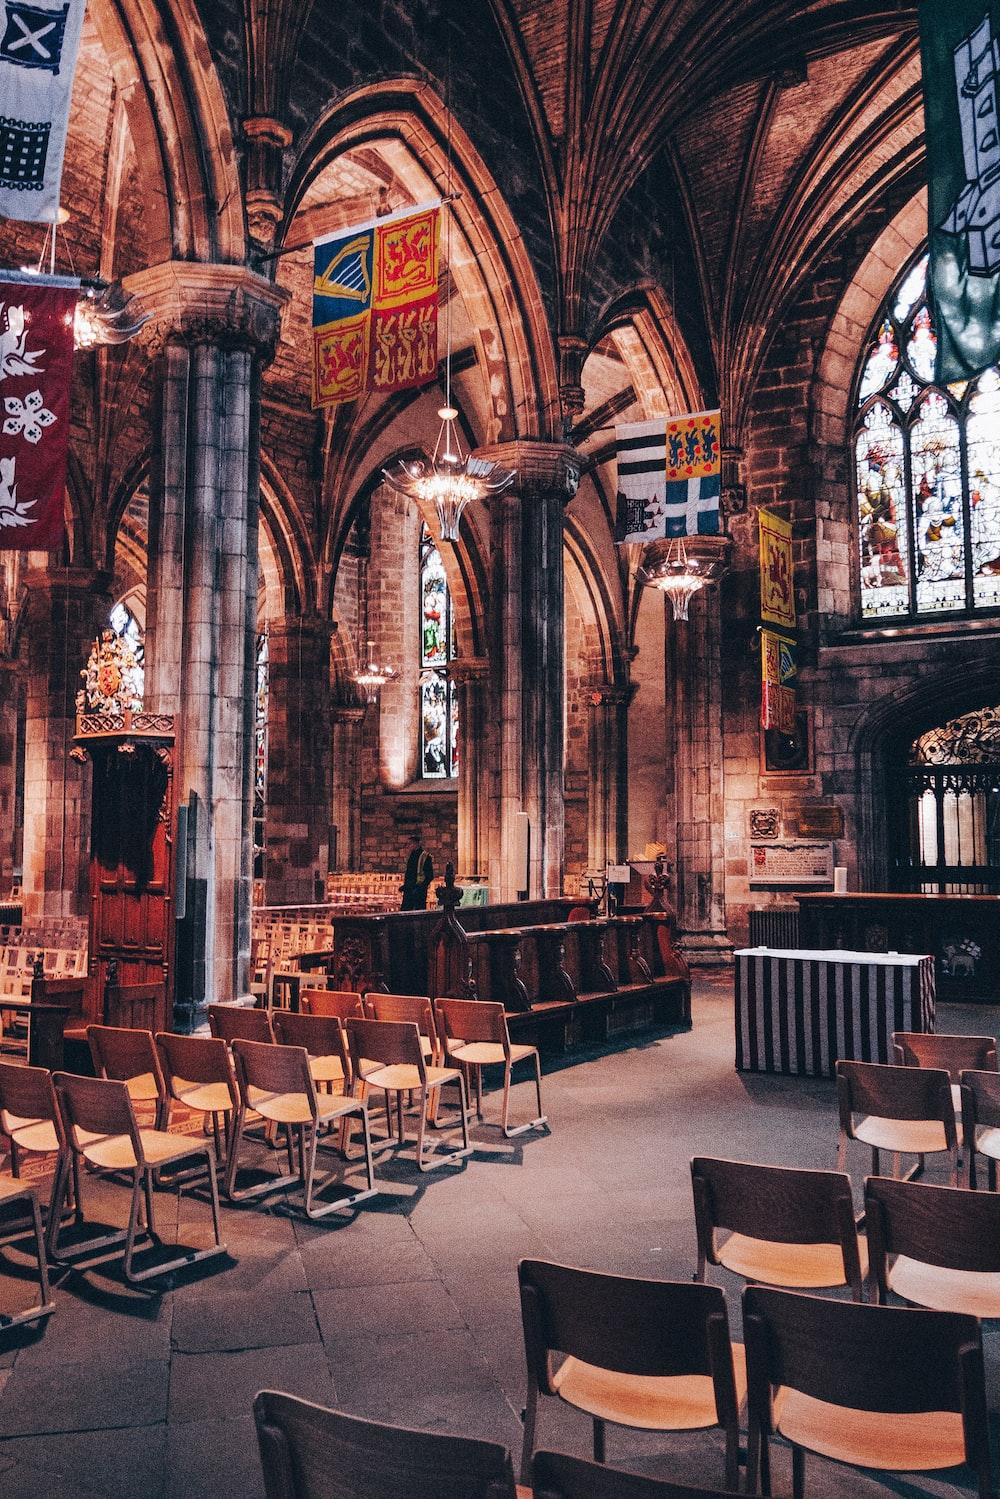 chairs near altar in the church